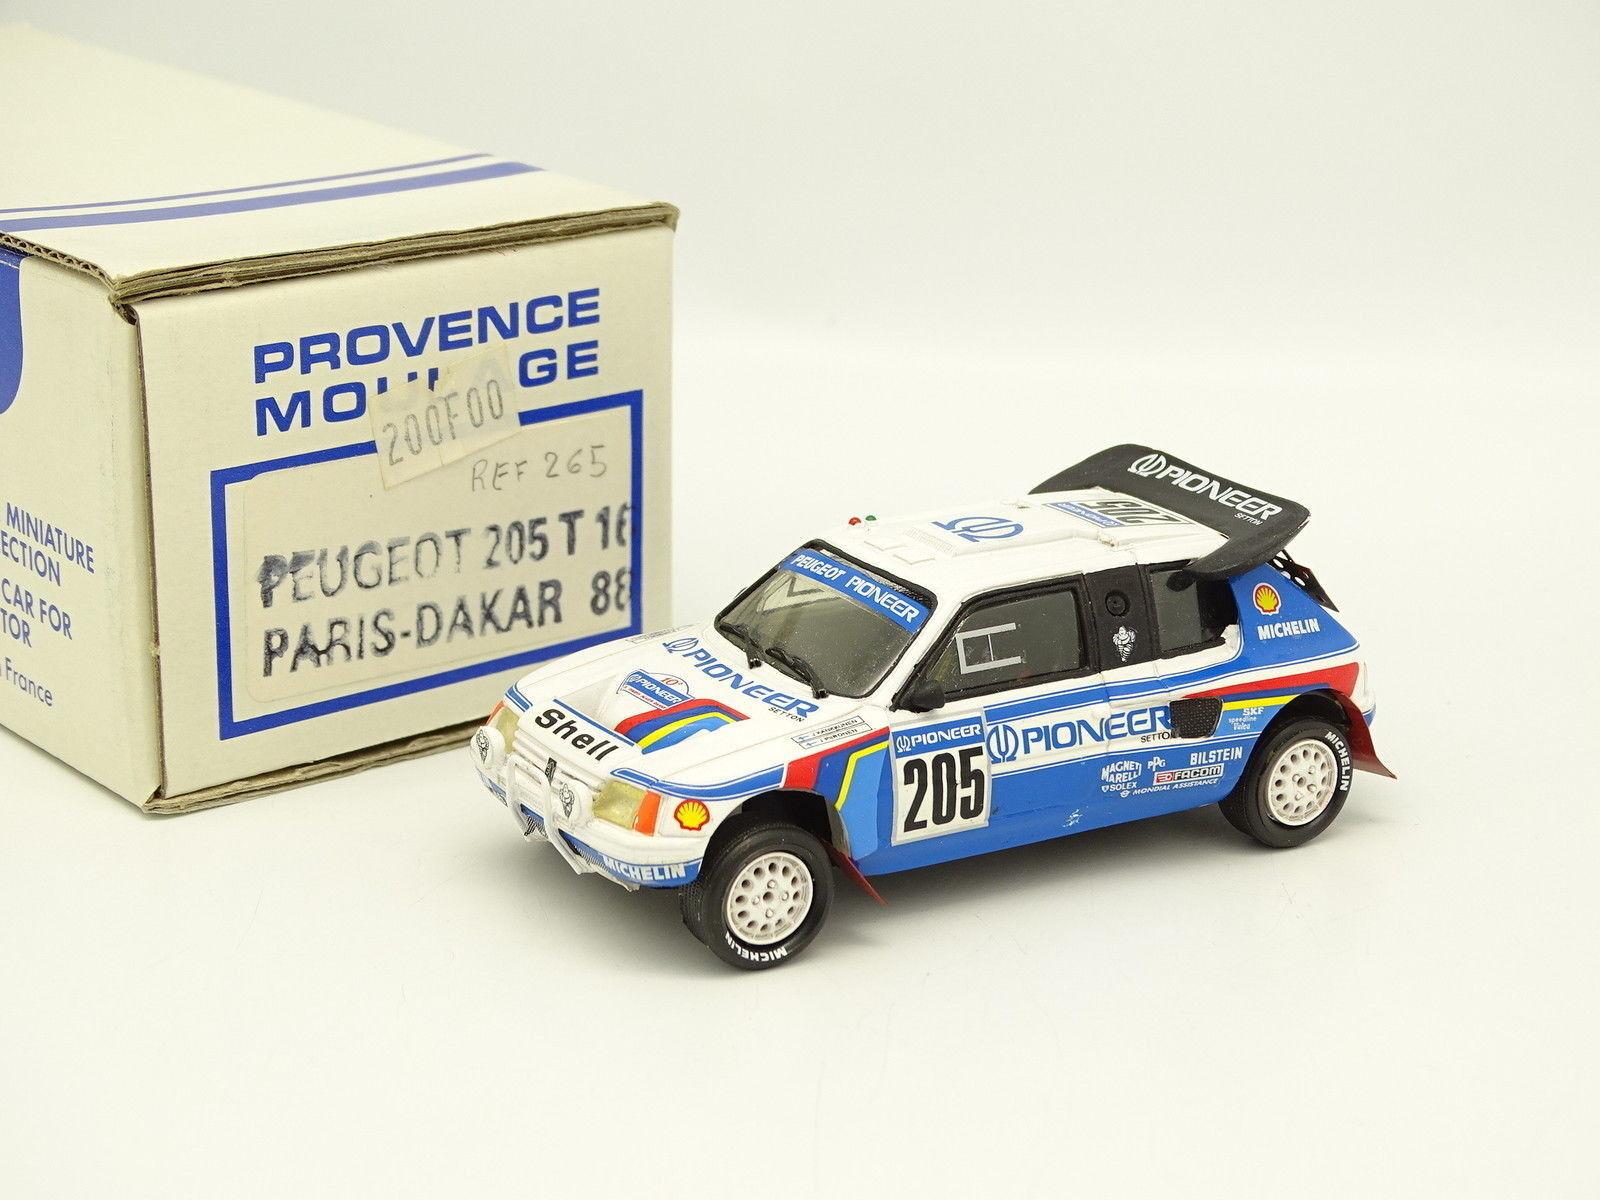 Provence Moulage Kit Monté 1 43 - Peugeot 205 T16 Paris Dakar 1988 Kankkunen